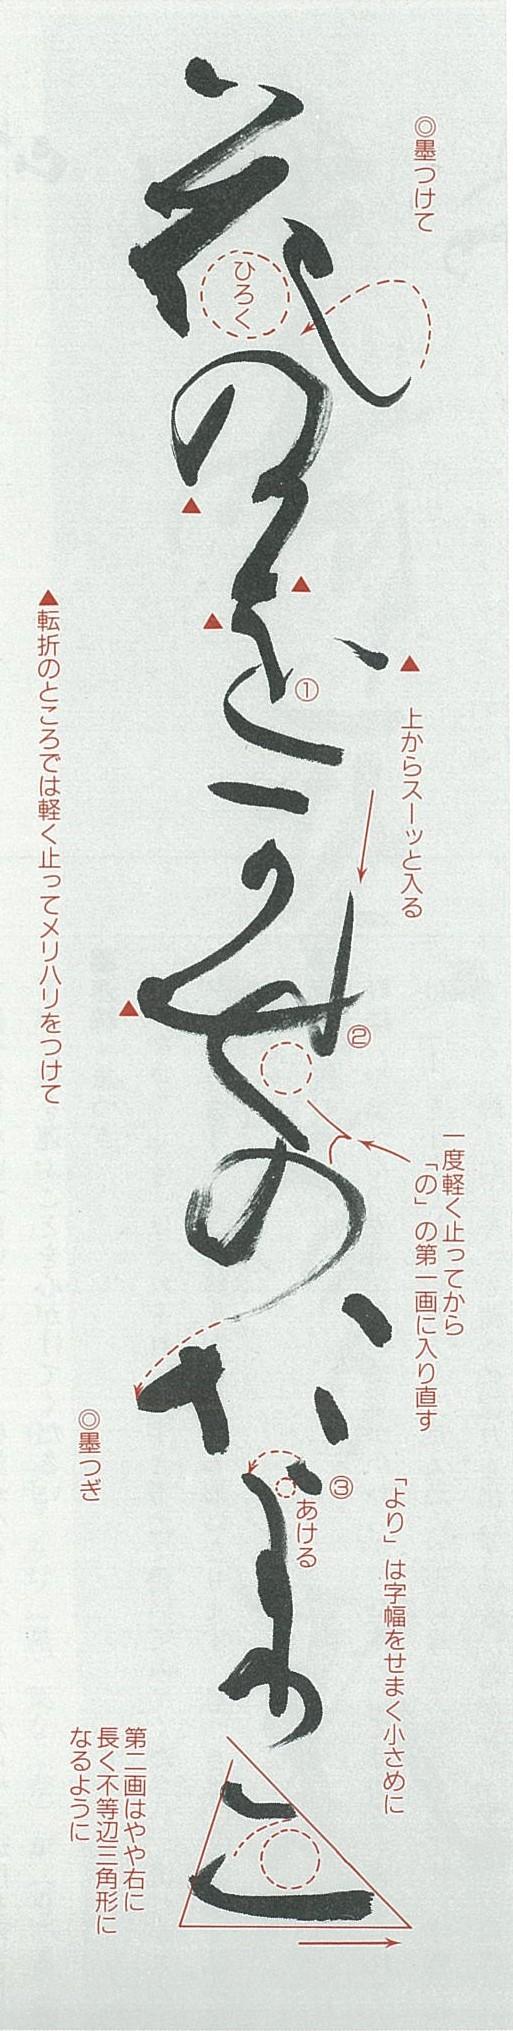 書道専科 創作の楽しみ かな・大字を書く | 生涯学習通信講座 | NHK学園